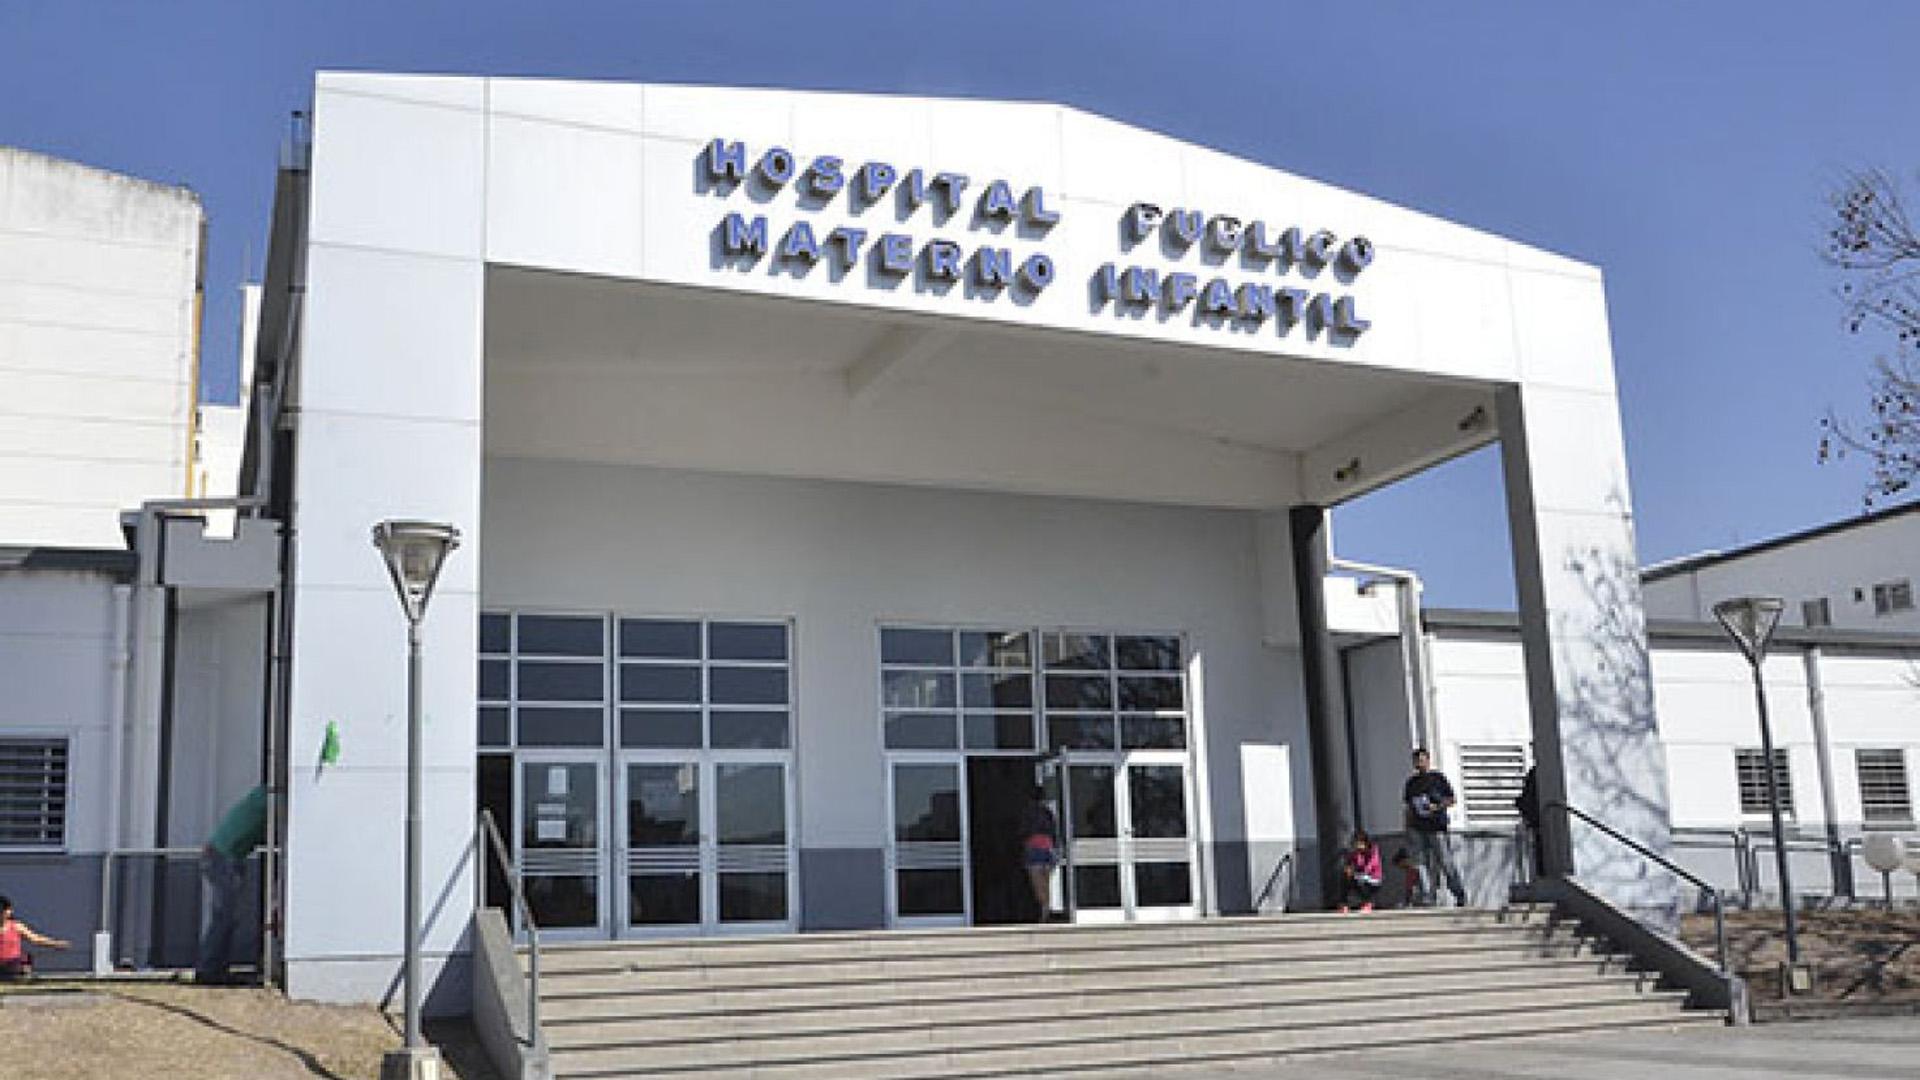 Hospital Público Materno Infantil de Salta: aquí fue llevada la menor abusada